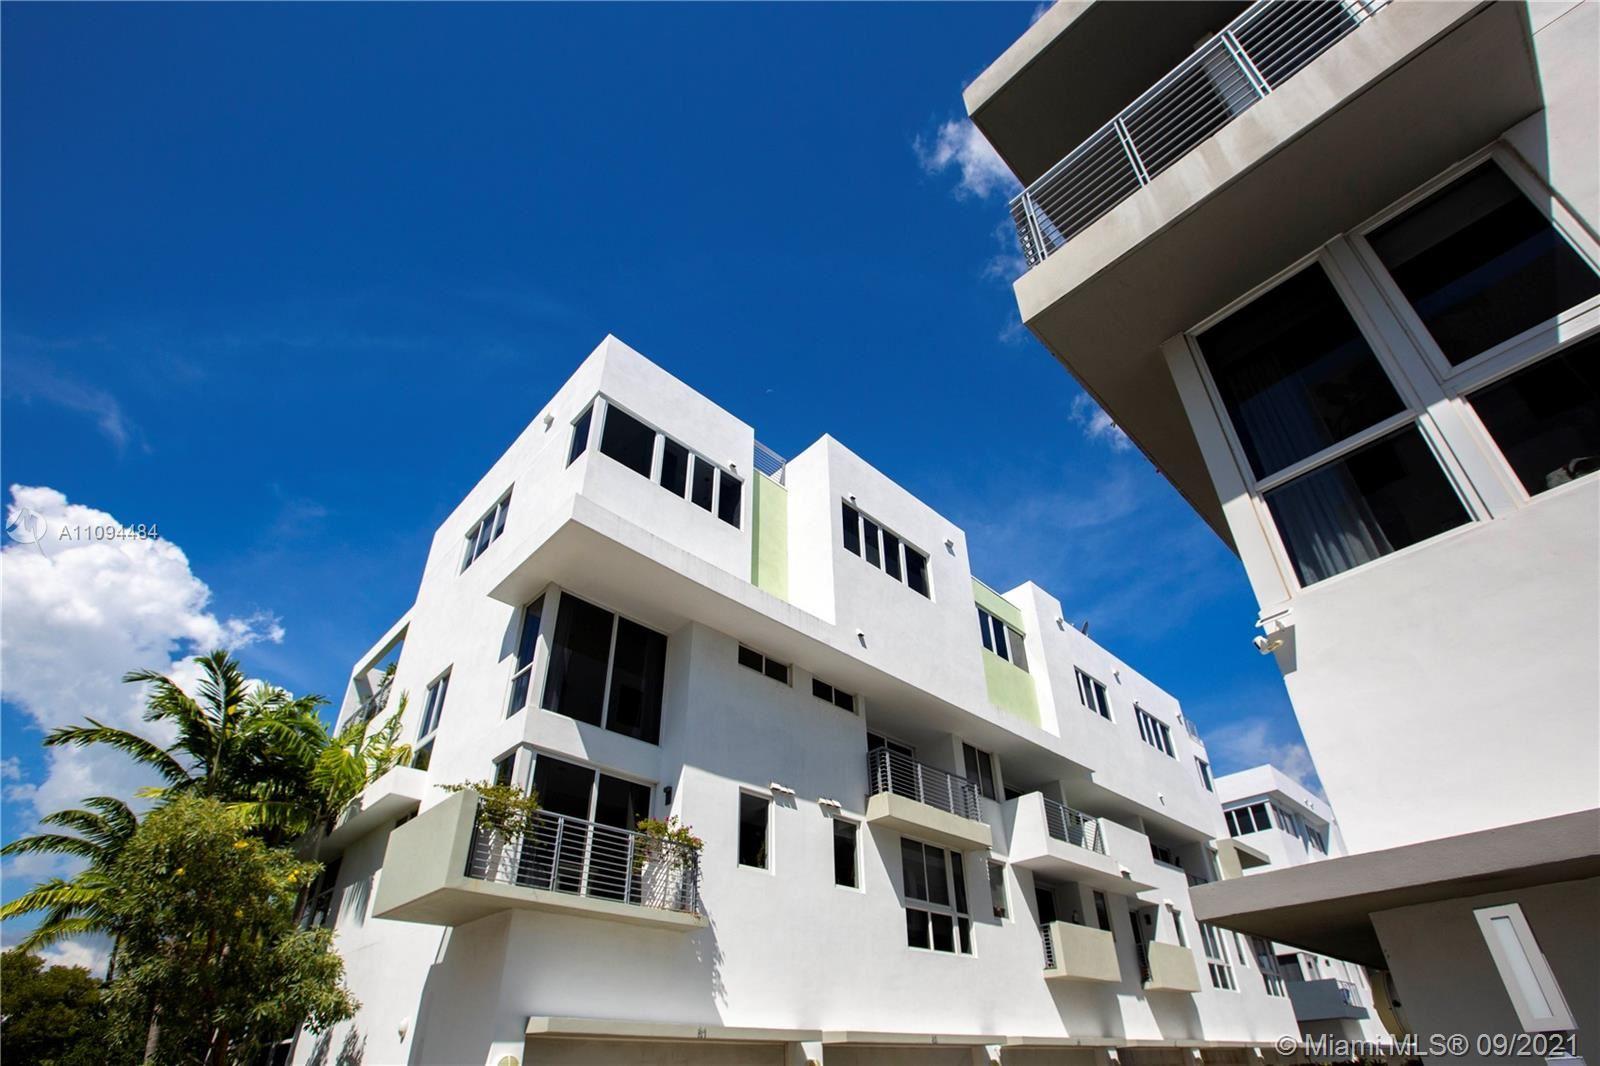 83 N Shore Dr, Miami Beach, FL 33141 - #: A11094484